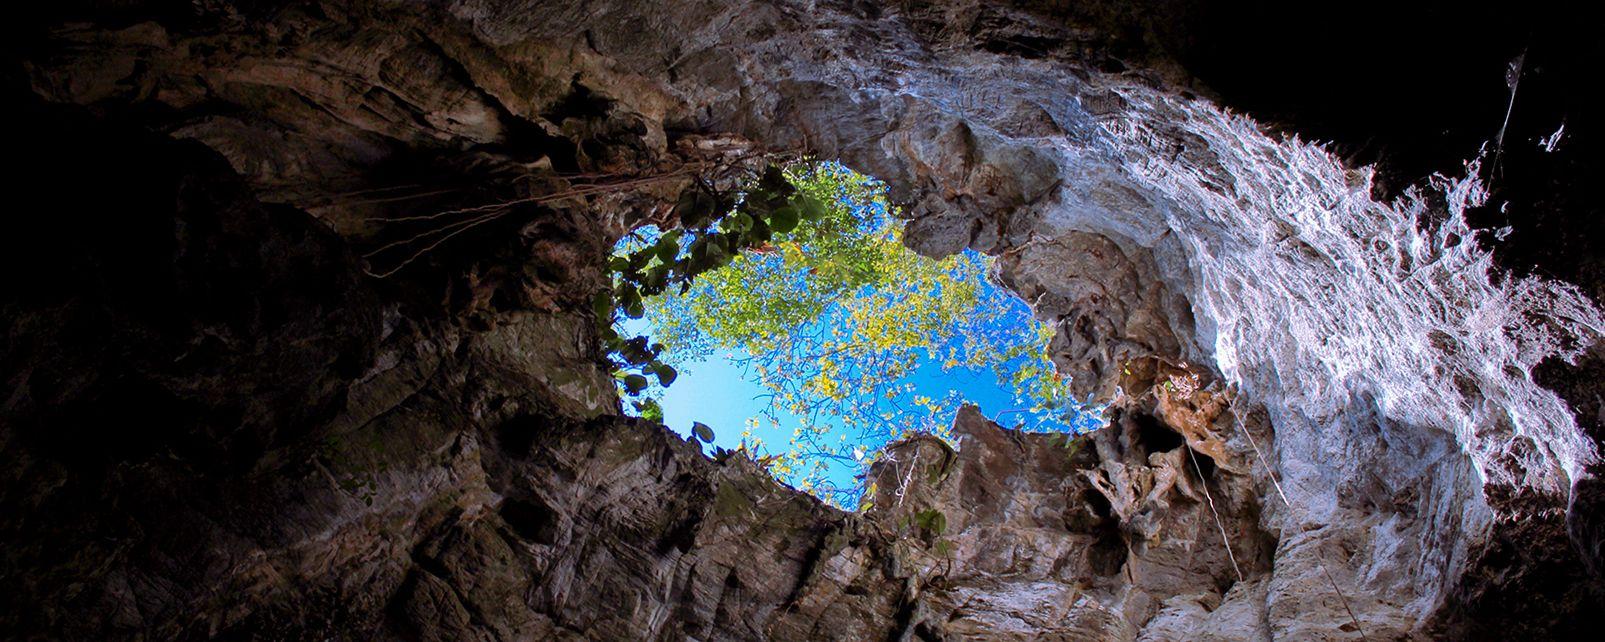 Les paysages, polynésie, tahiti, tahiti nui, grande tahiti, océanie, france, grotte